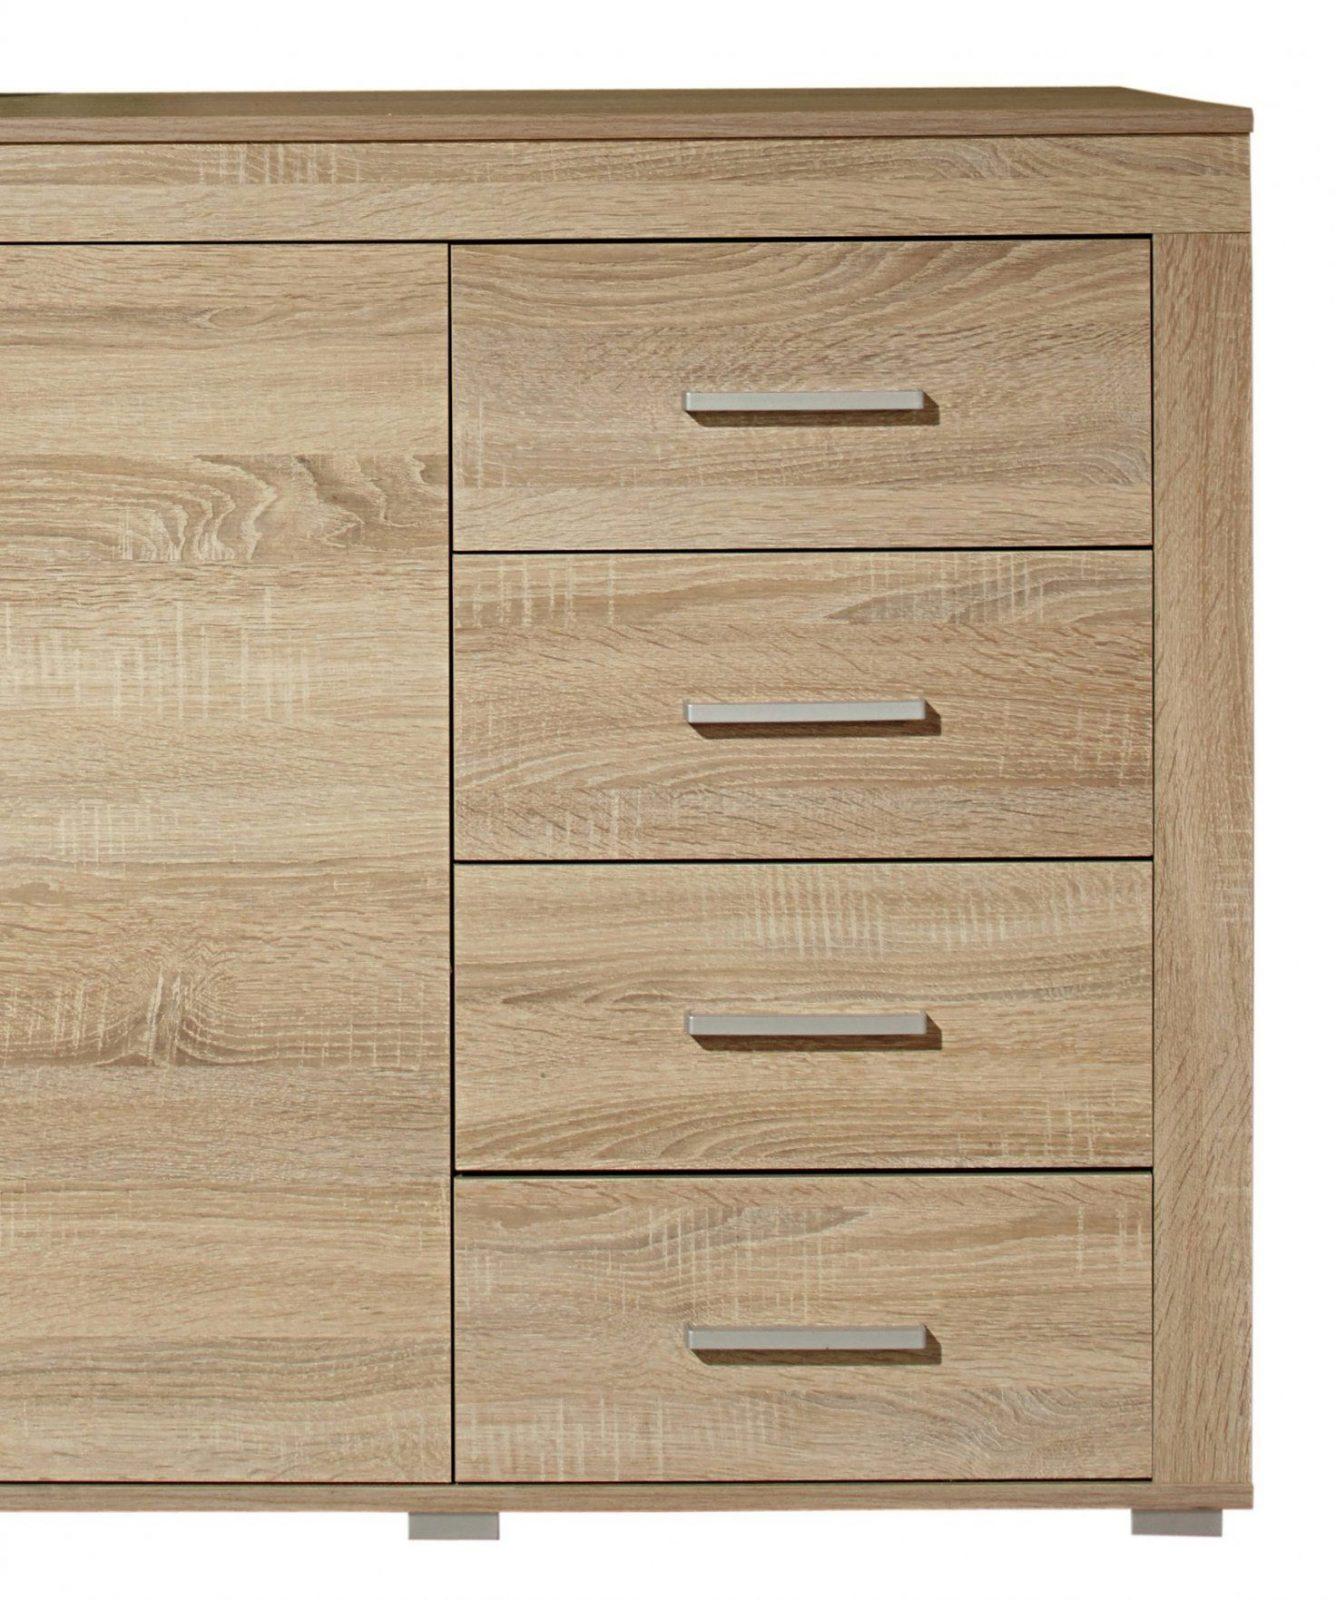 Perfekt Sideboard Malmö 160 Cm Breit 2 Türen 4 Schubladen Eiche Zum von Raffrollos 160 Cm Breit Bild